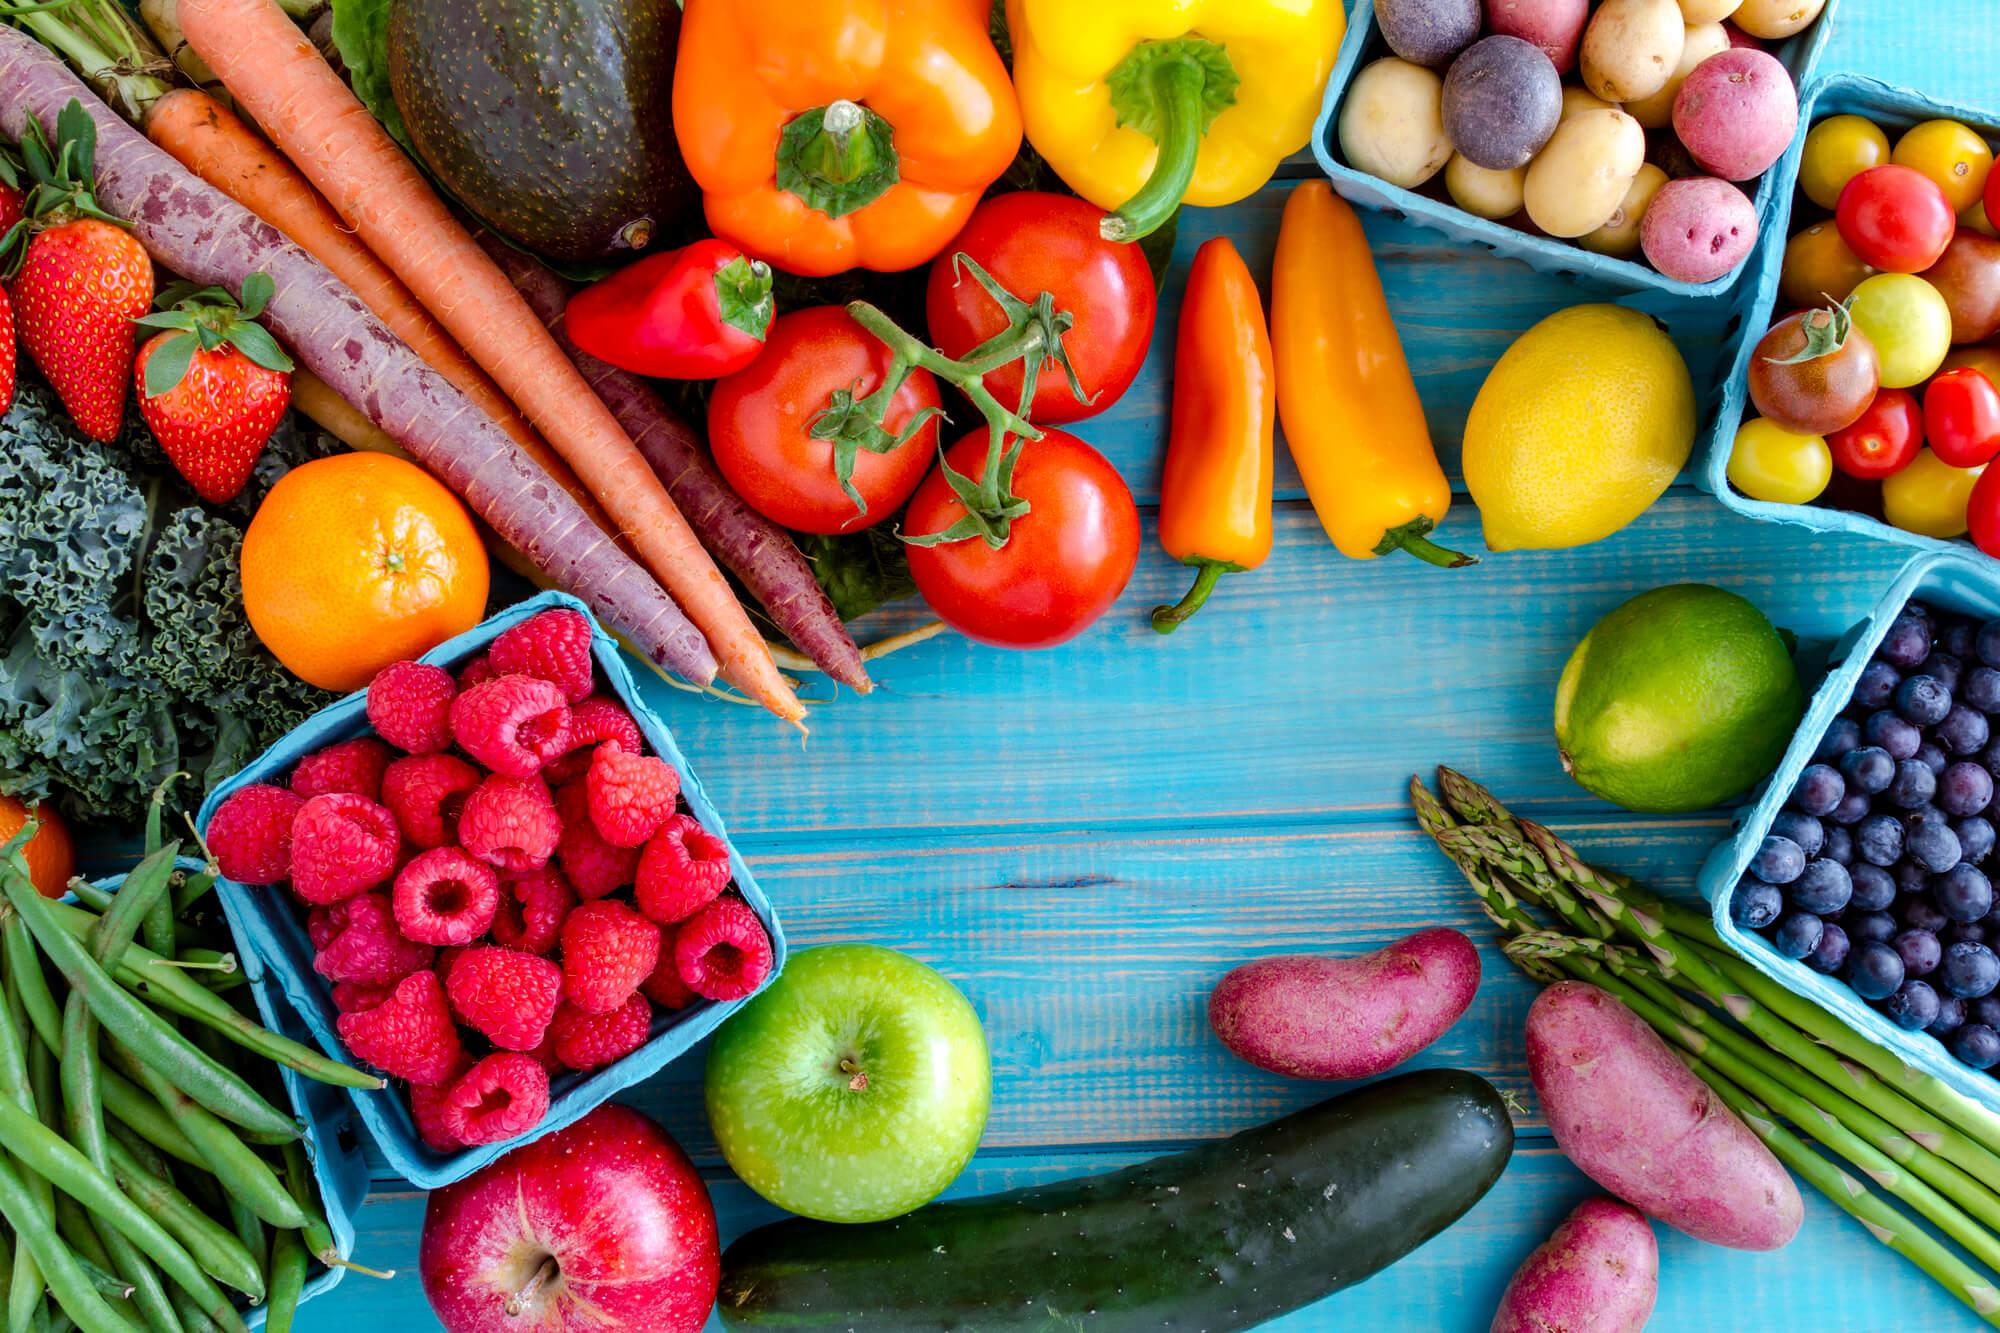 A segurança dos alimentos é responsabilidade de todos